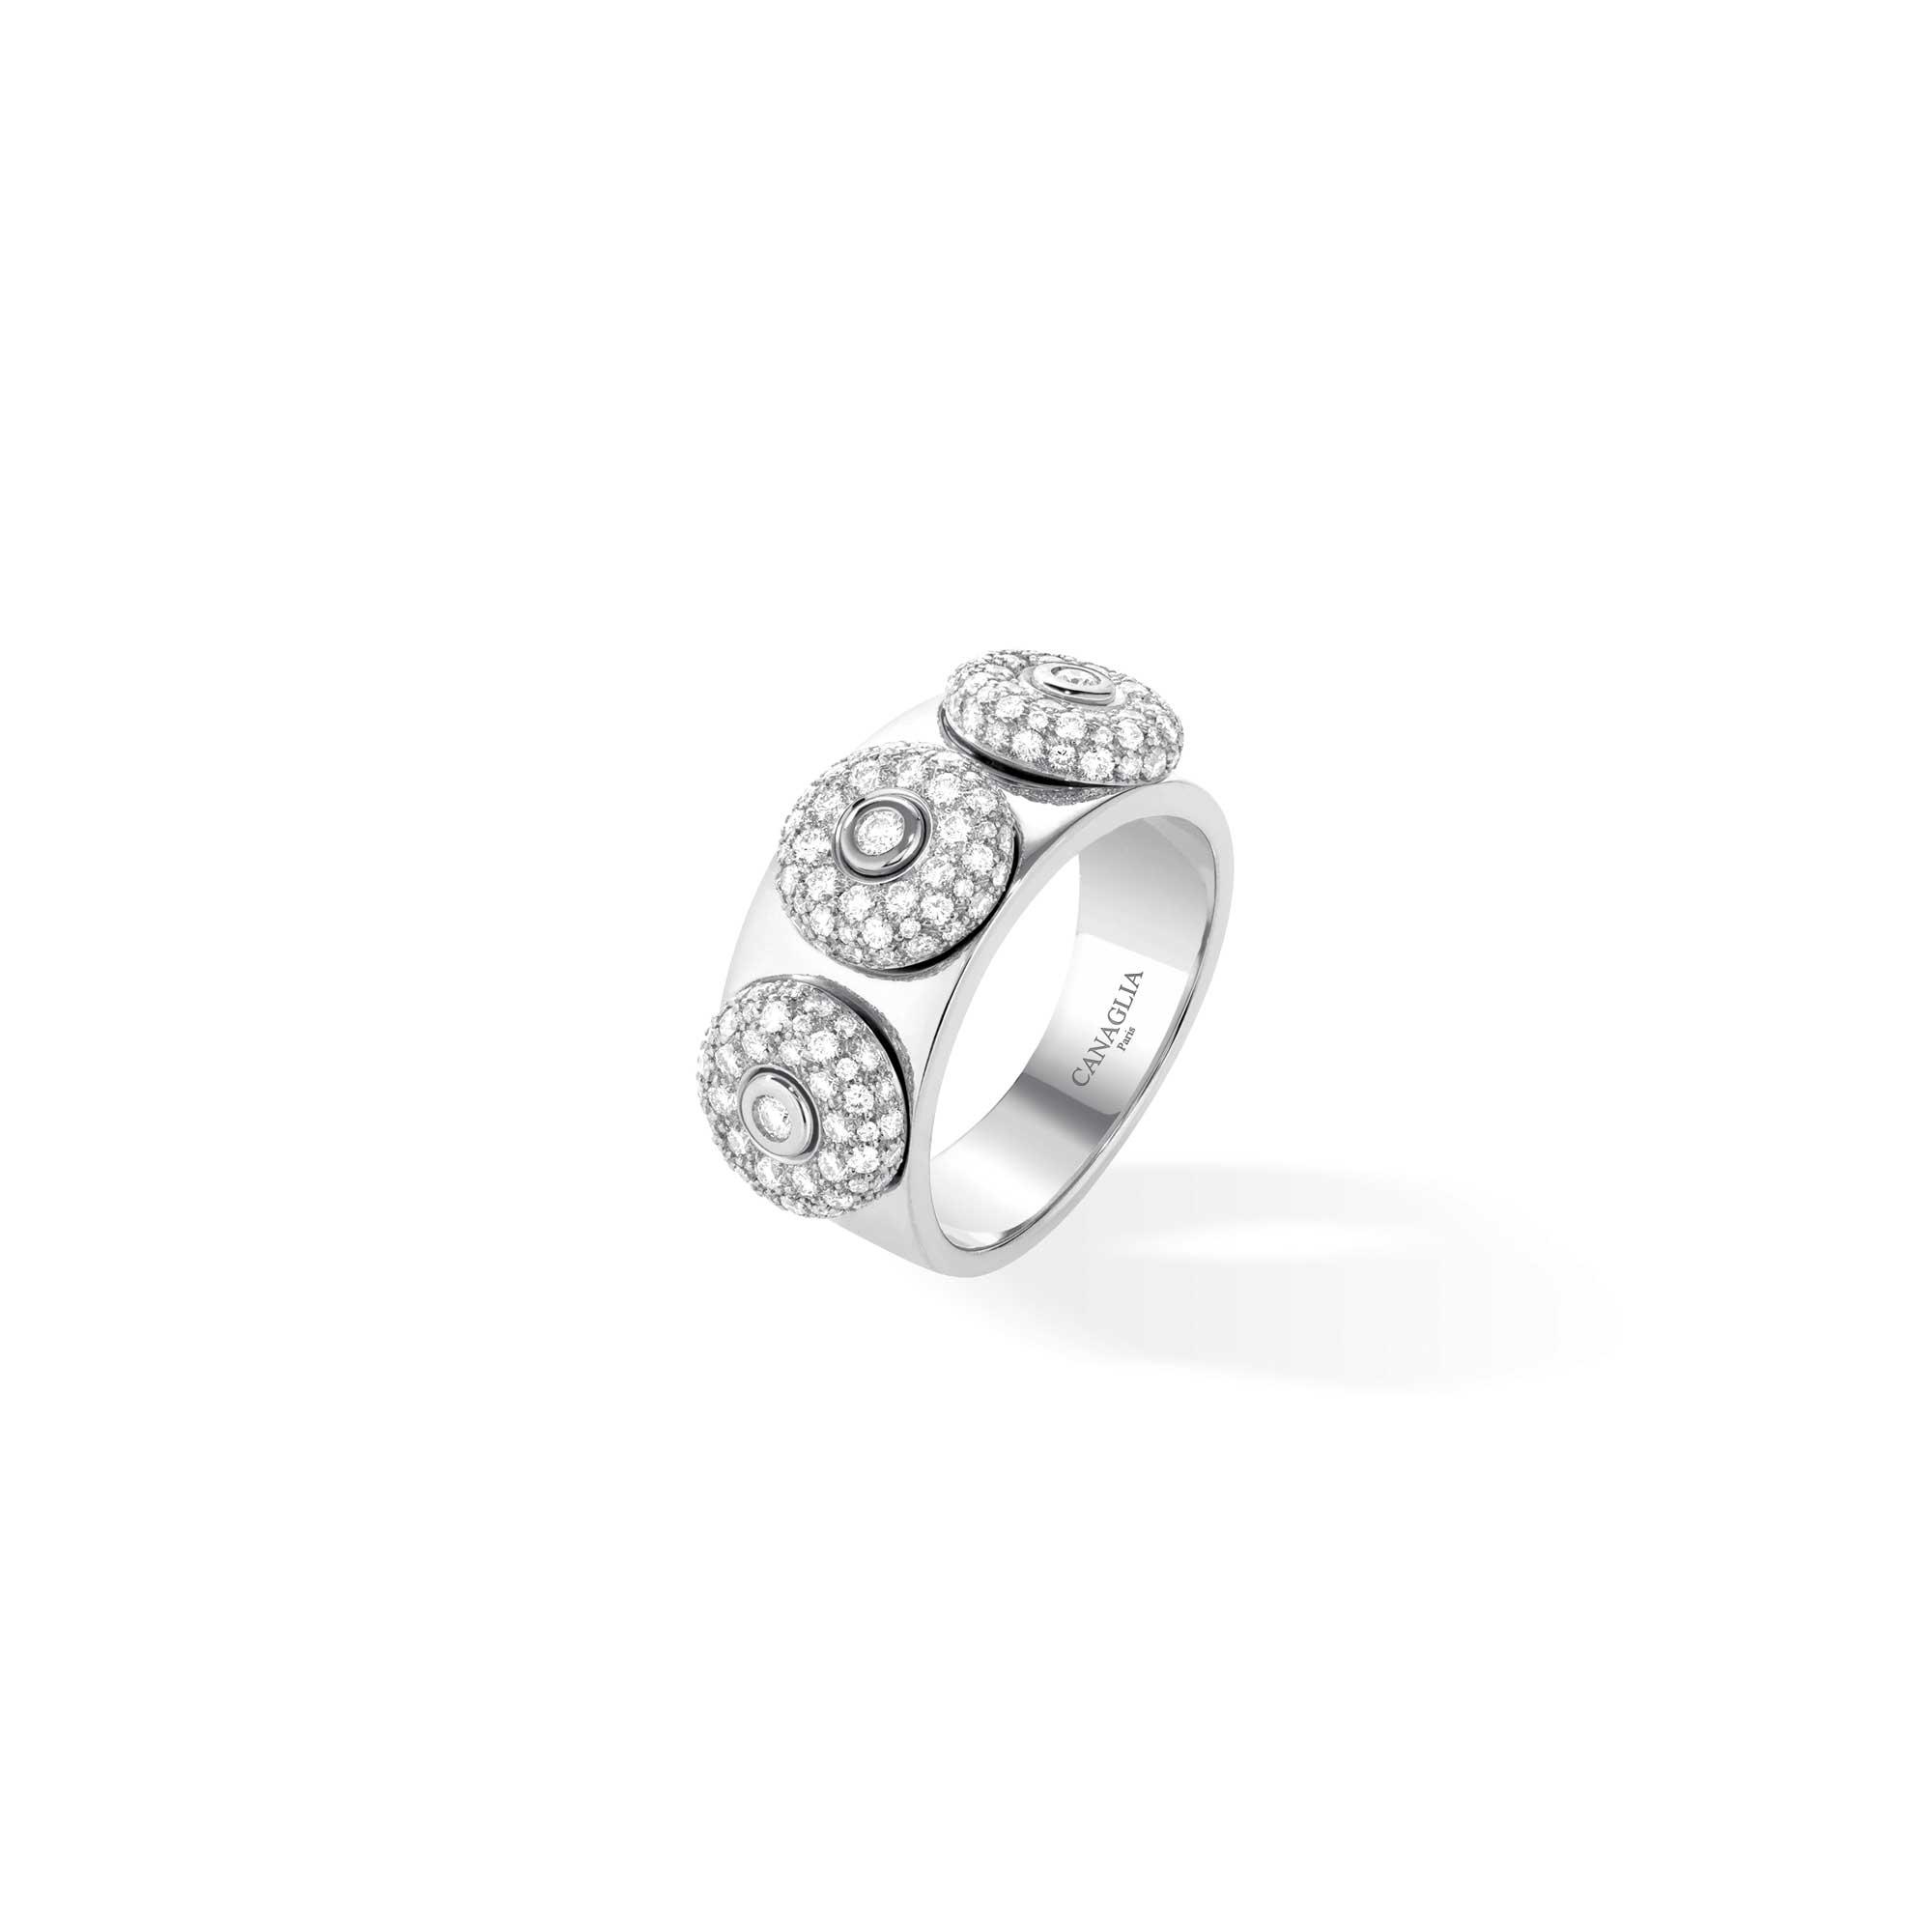 Bague jonc or gris, diamants 3 bouées - Joaillerie Canaglia Paris-Milan